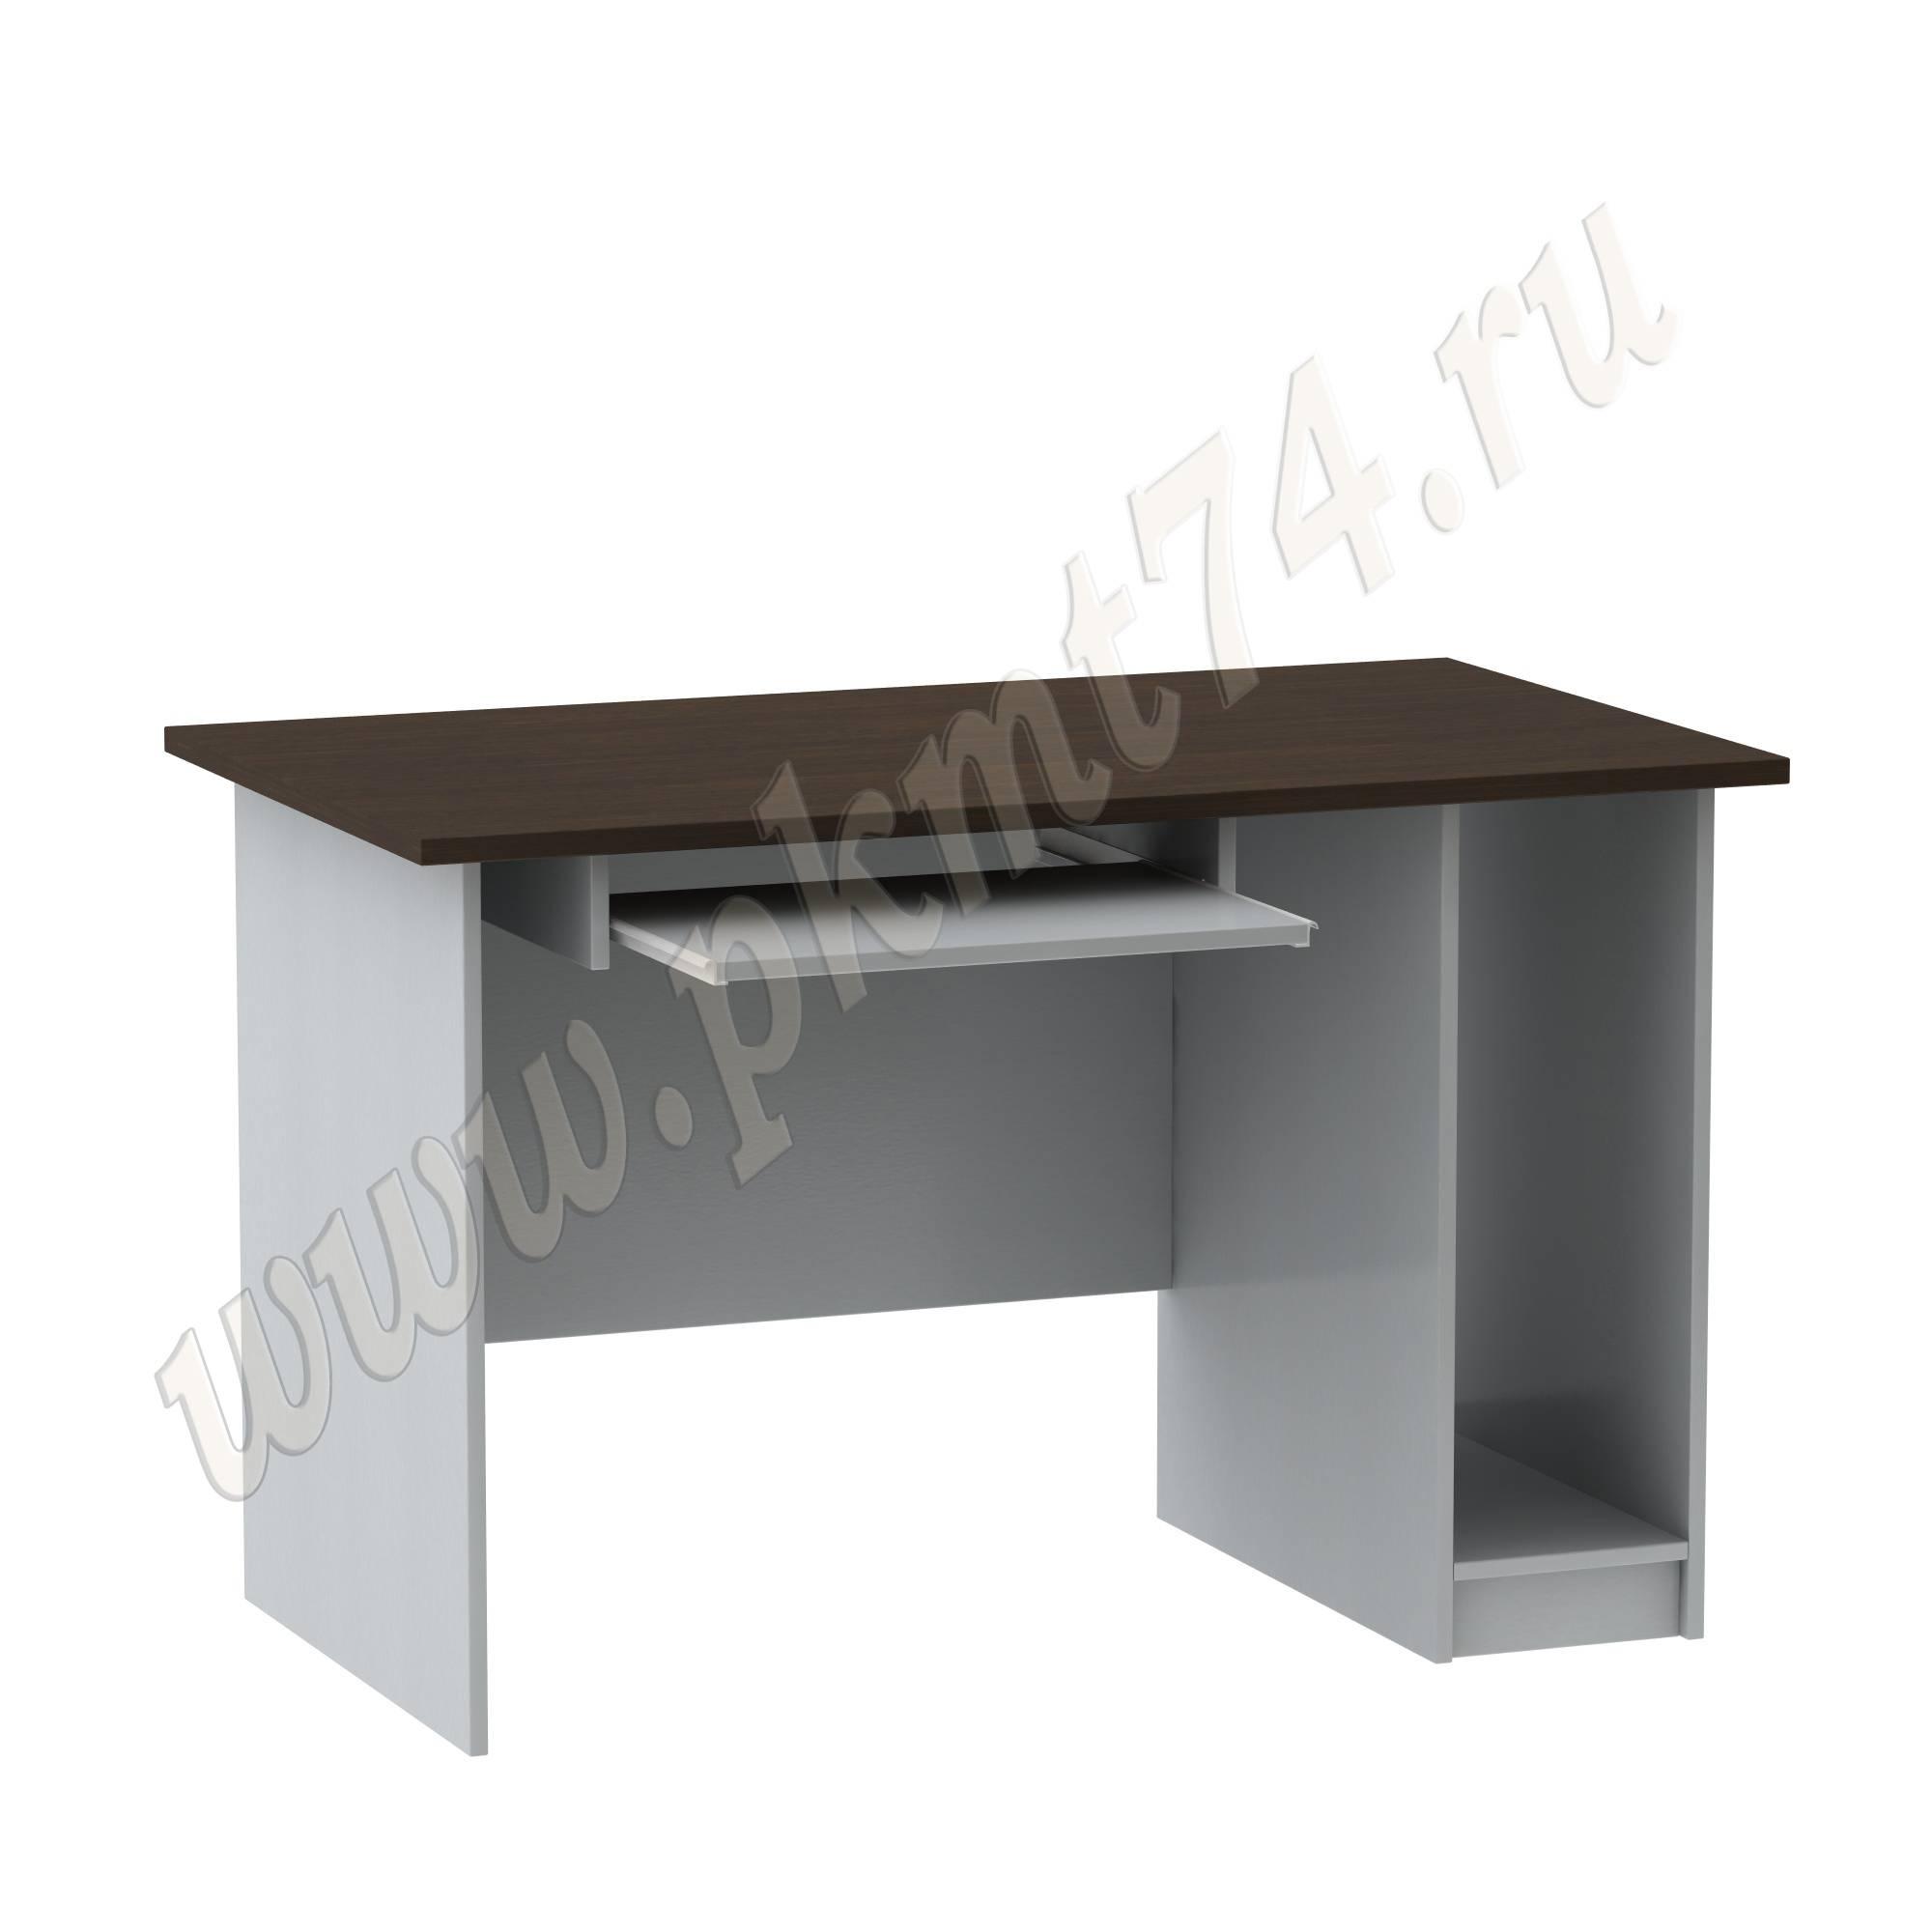 Стол офисный с подставкой под системный блок [Стандартный цвет:: Орех; Цвета ЛДСП на выбор:: Алюминий-Венге]